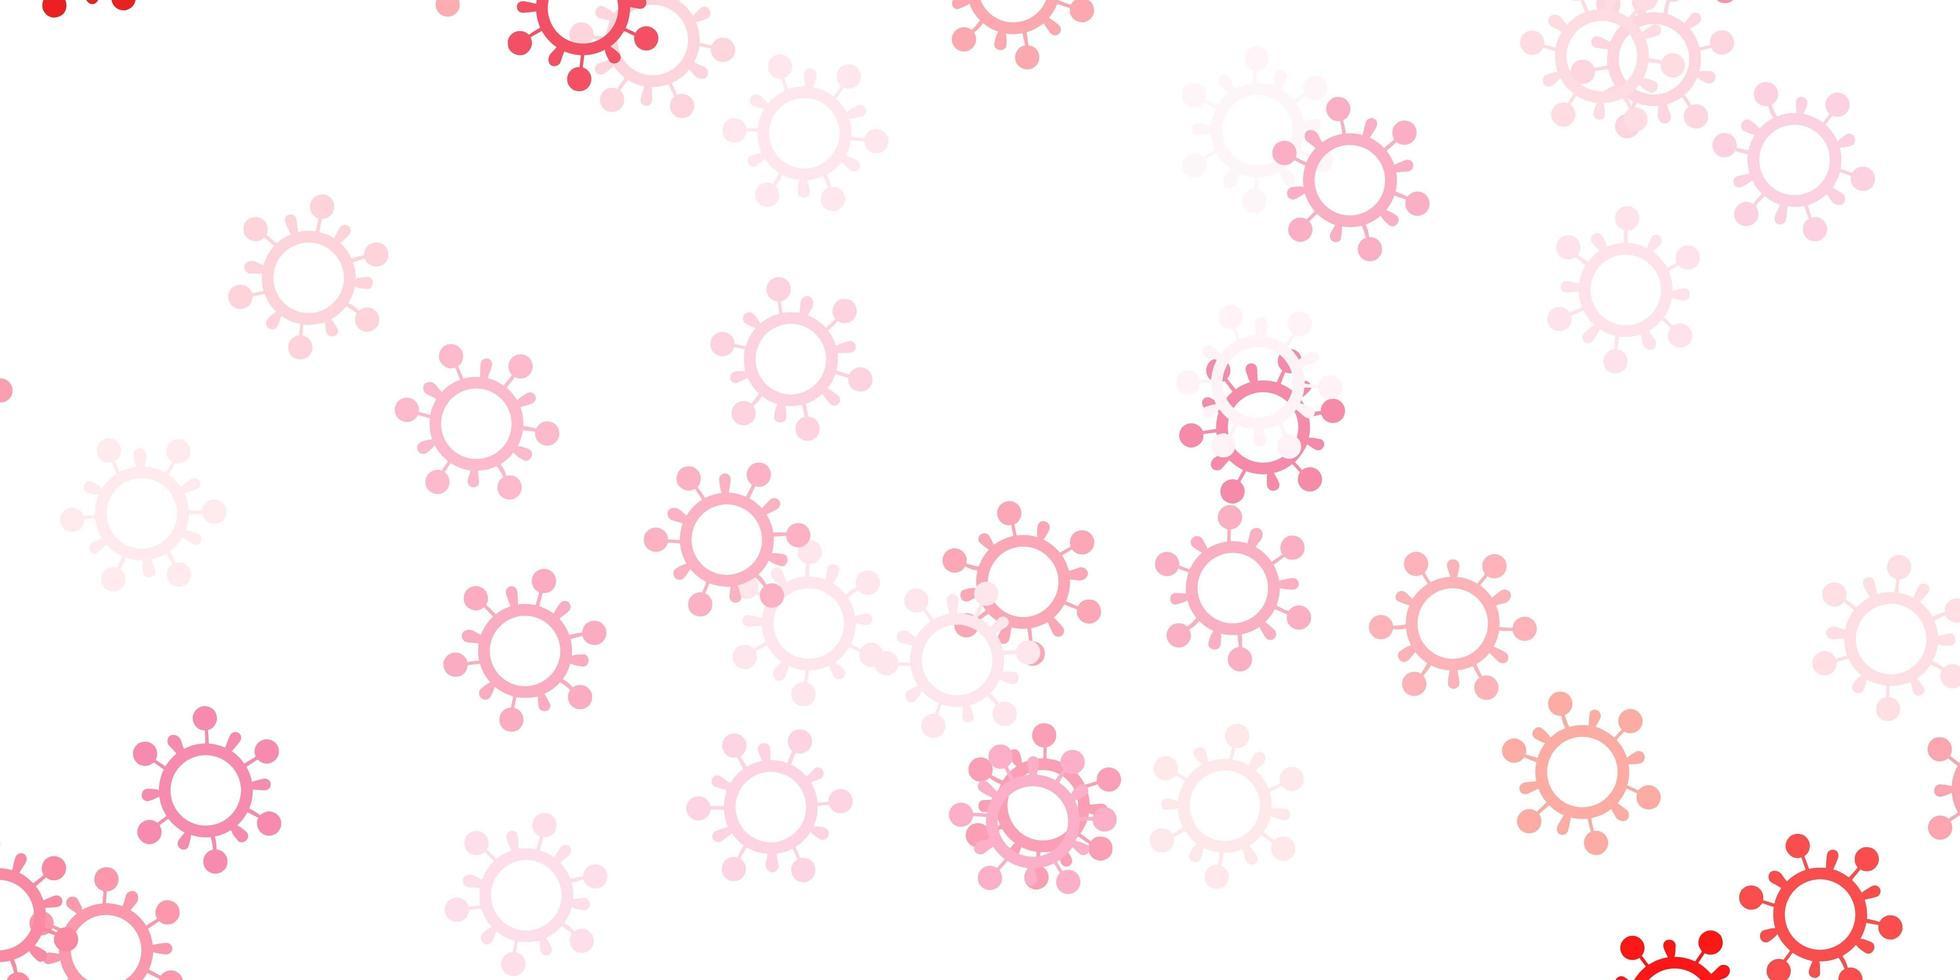 modèle rouge clair avec des signes de grippe. vecteur